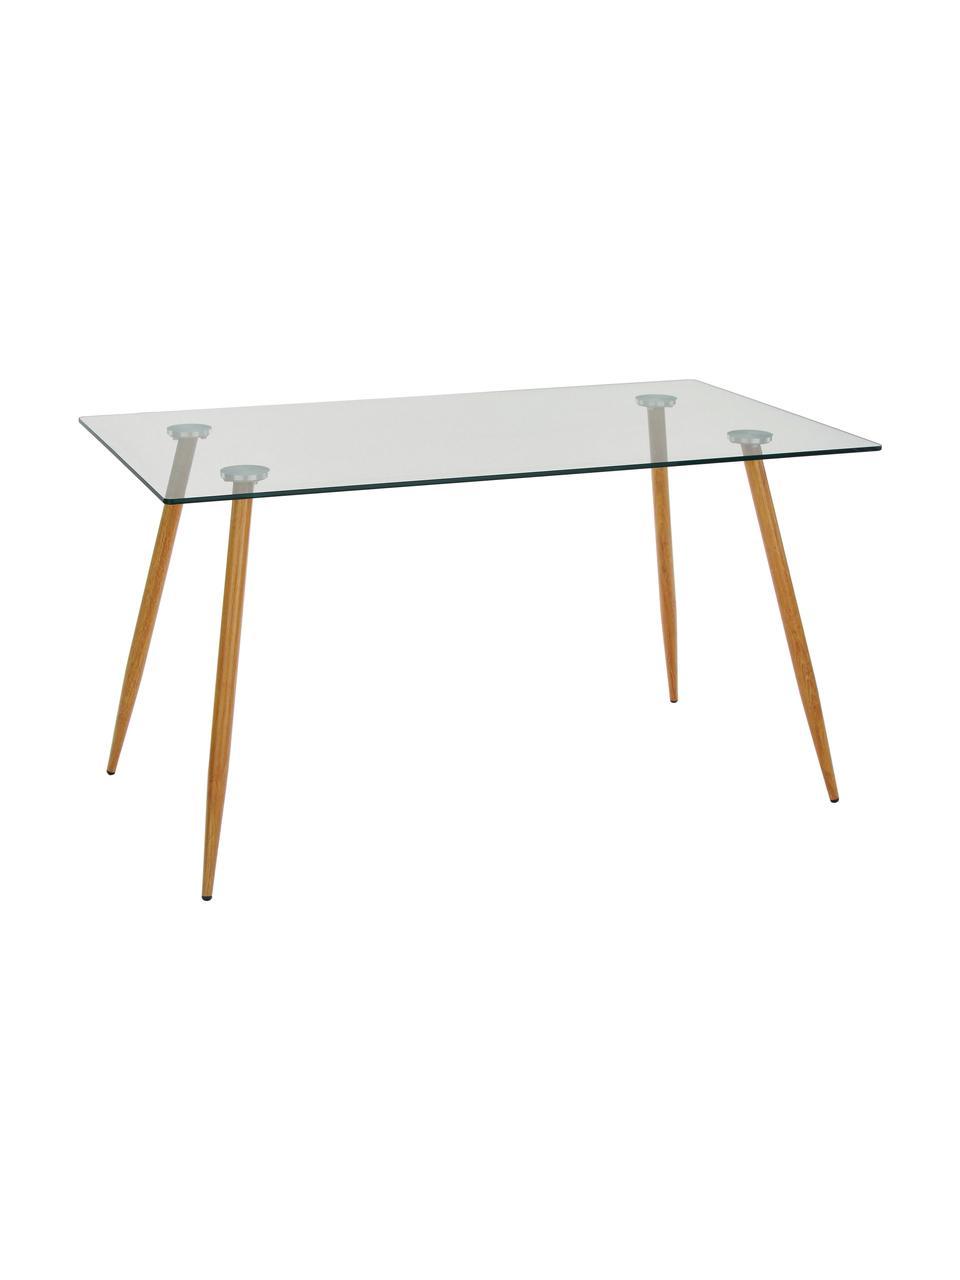 Stół do jadalni ze szklanym blatem Wilma, Blat: szkło hartowane, Nogi: metal malowany na kolor d, Transparentny, S 140 x G 80 cm